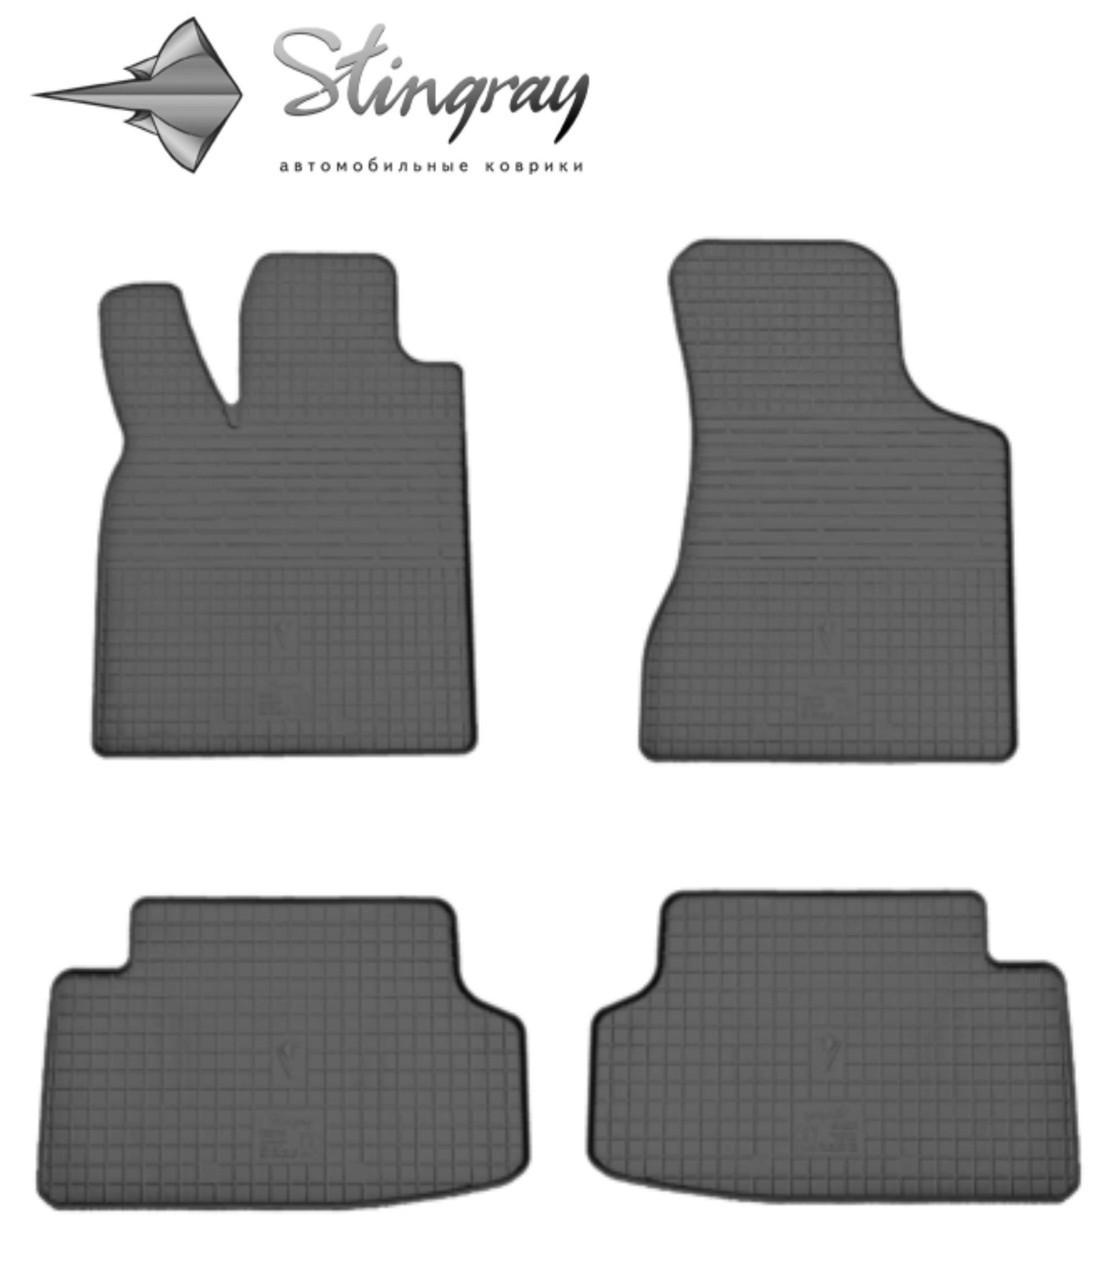 Seat Ibiza Mk2 1993-2002 Водительский коврик Черный в салон. Доставка по всей Украине. Оплата при получении